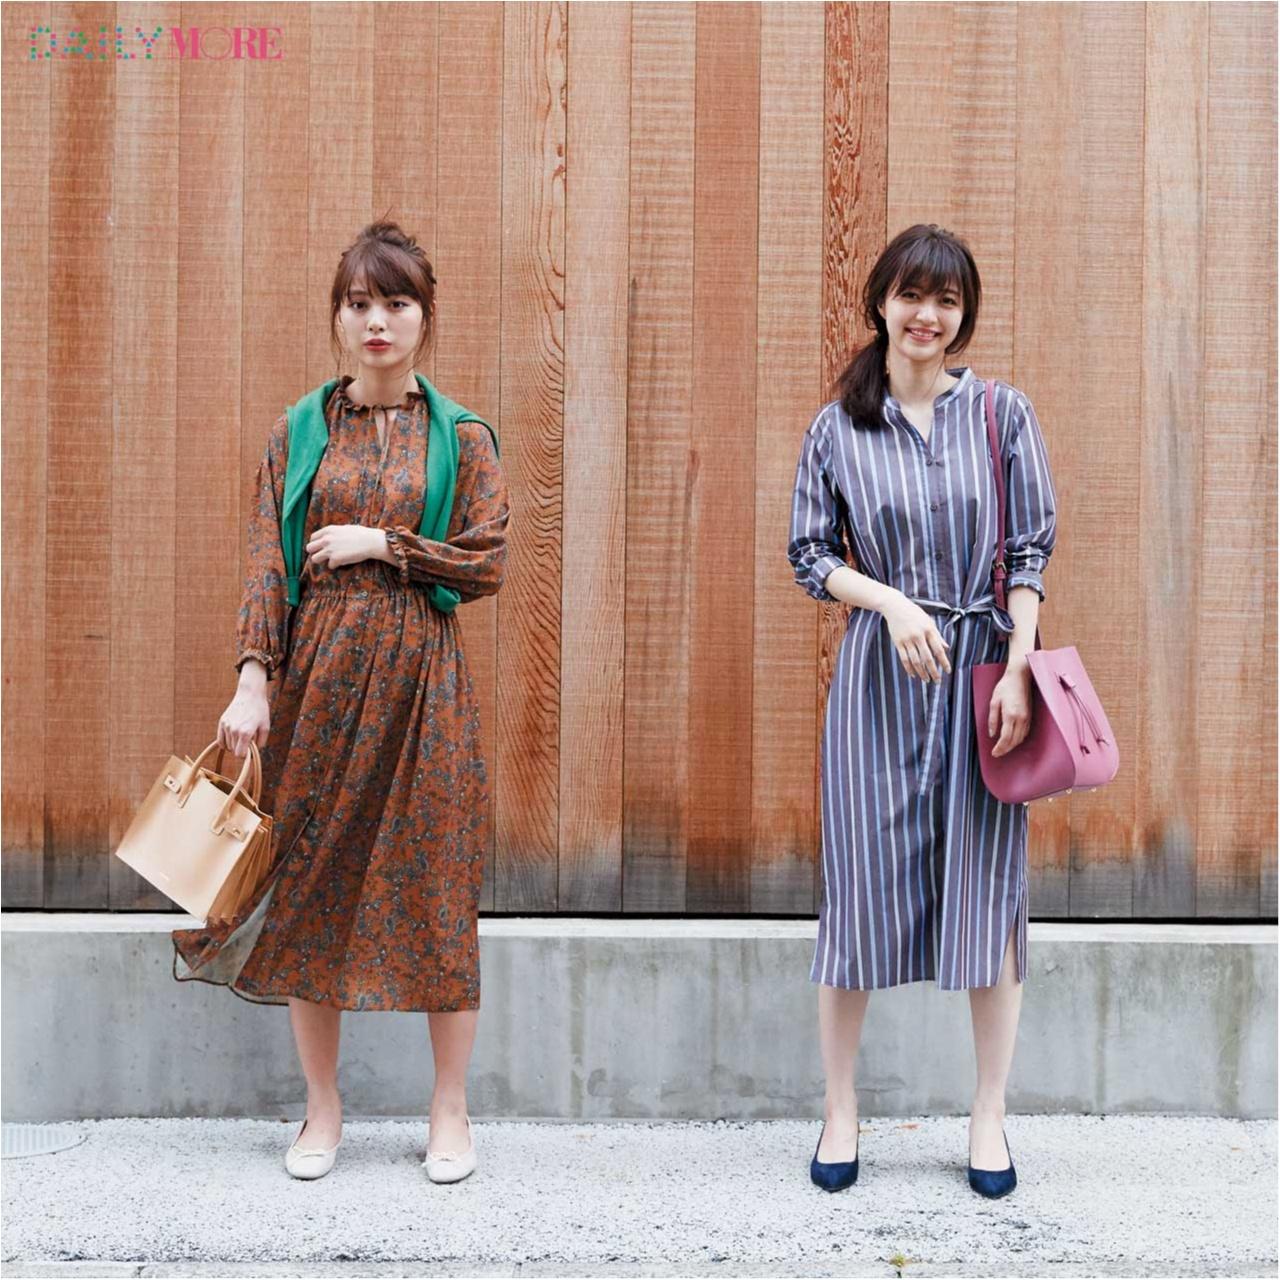 【月→水で同じ服を着てもバレない⁉】秋のお仕事コーデには、着方で激変する2wayワンピがマストです☆_1_1